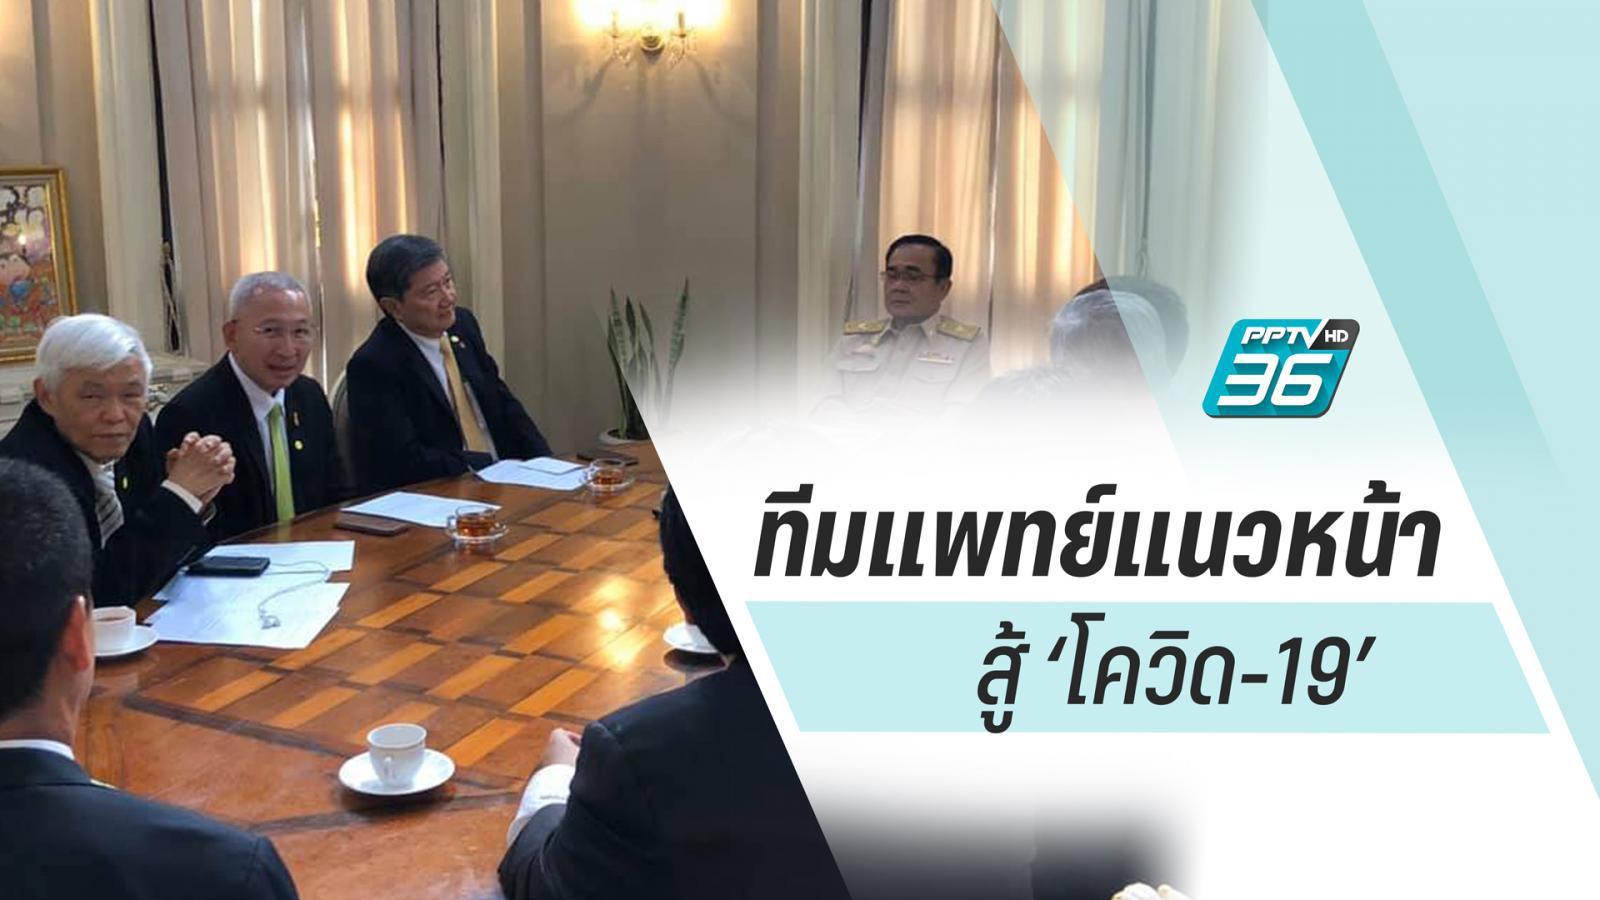 """โซเชียลฯแชร์ภาพ """"ทีมแพทย์"""" ระดับแถวหน้าเมืองไทยร่วมถกโควิด-19"""